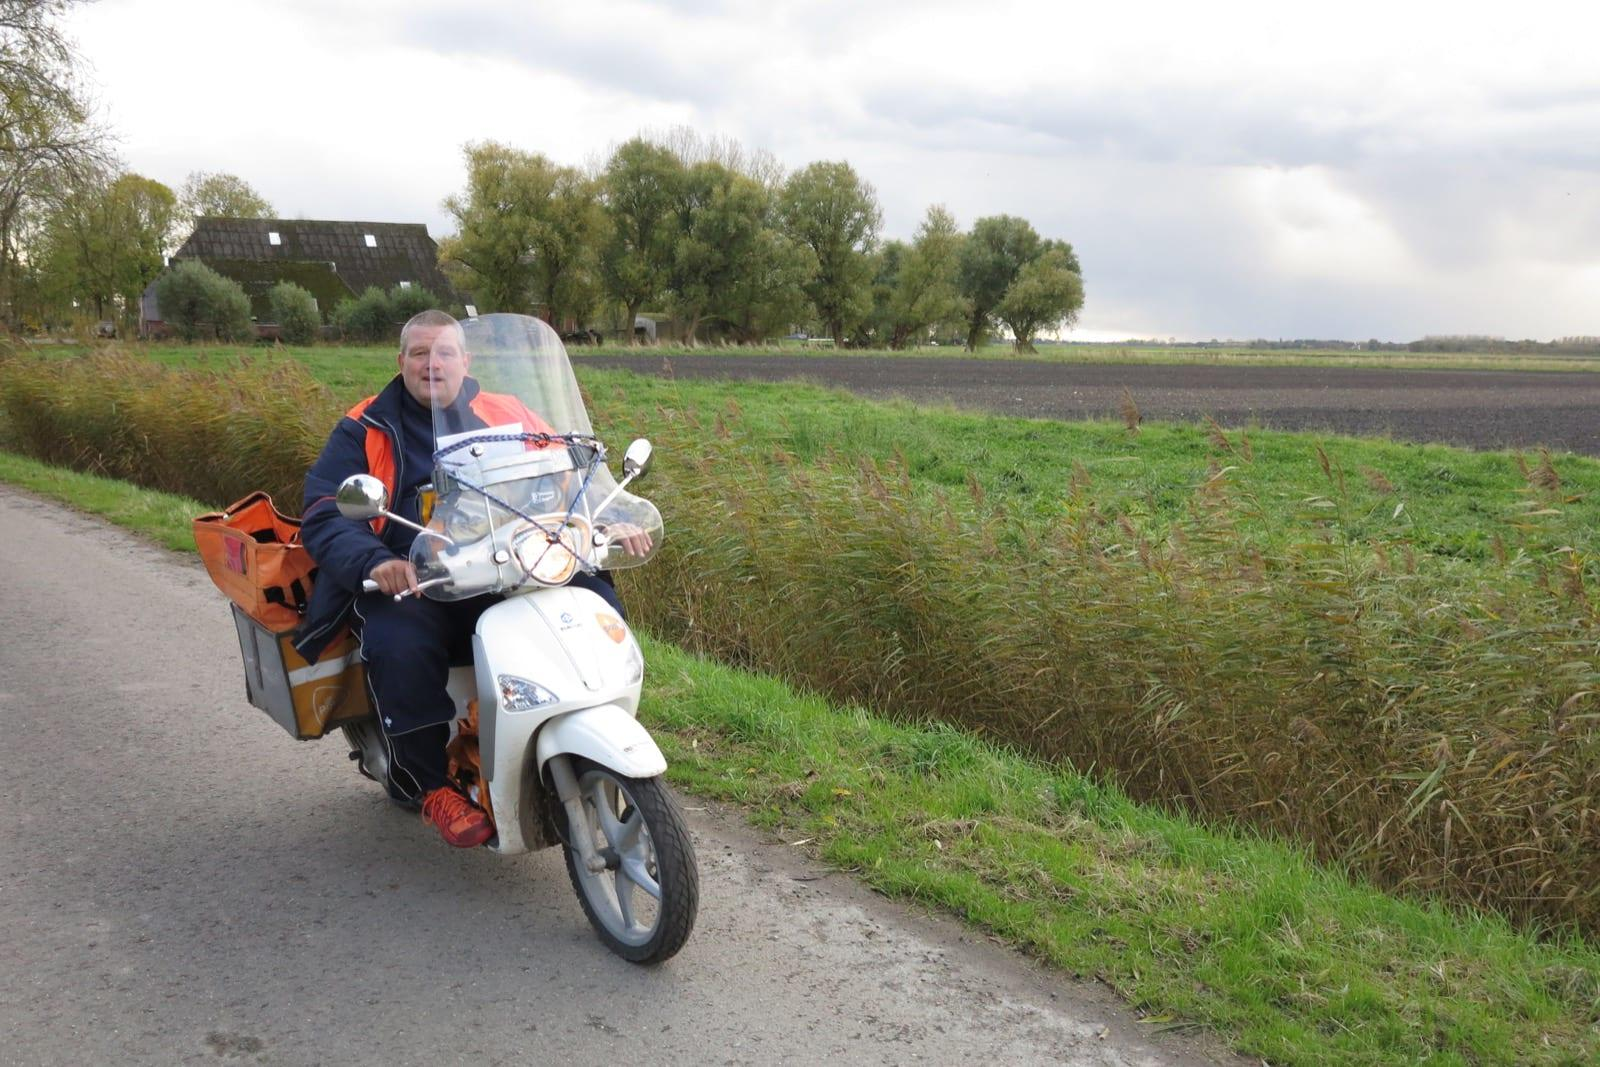 et-fiets-en-fietser-110-de-postbode-oi.jpg